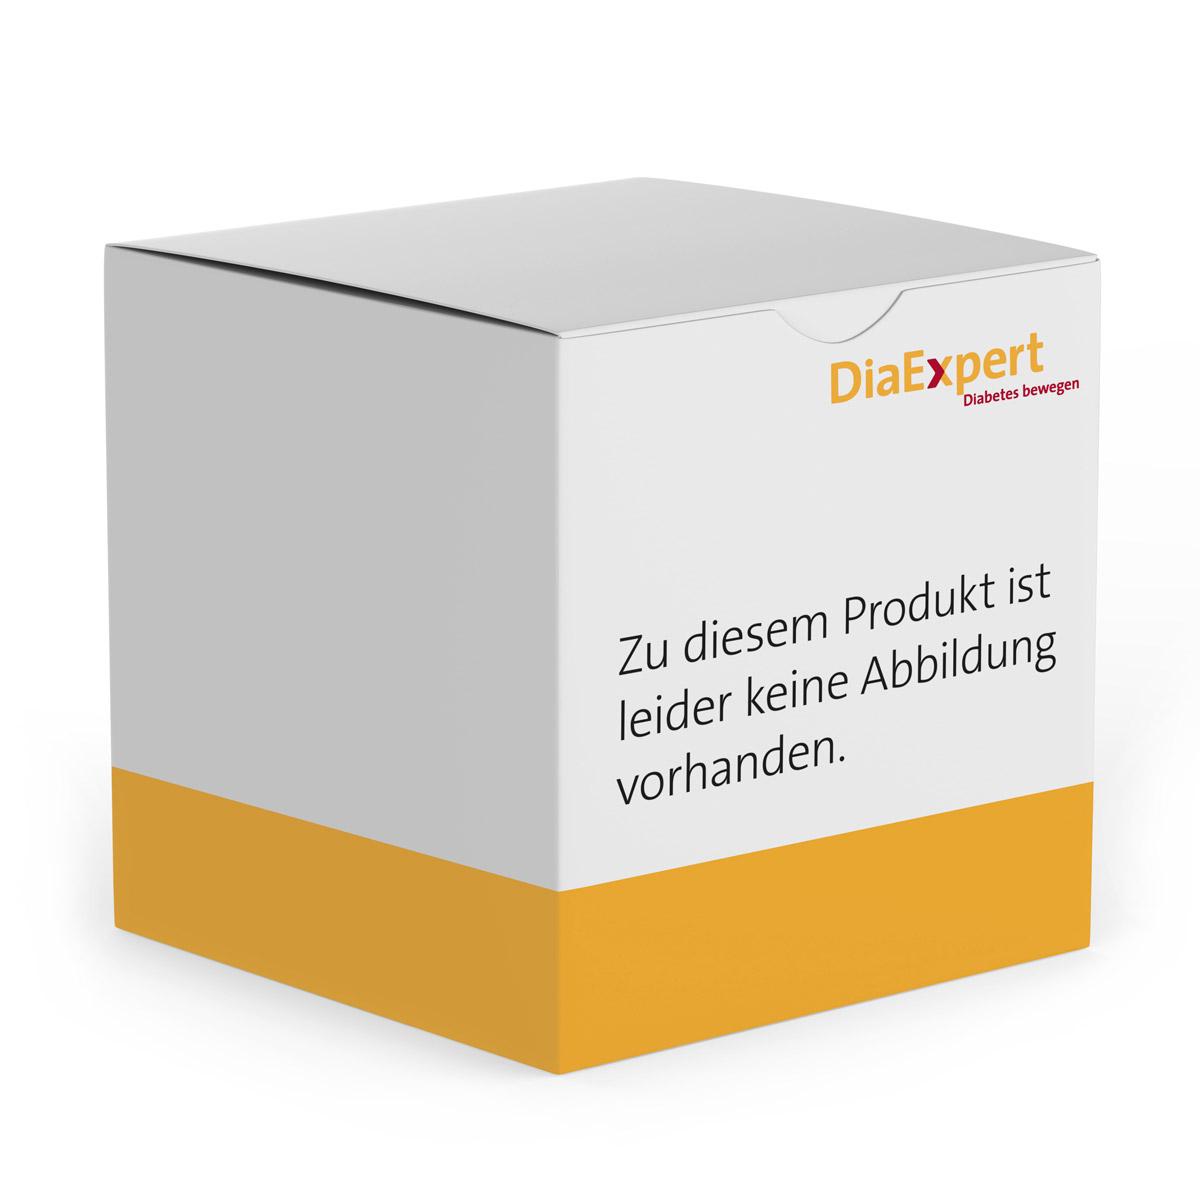 Der neue DiaExpert Onlineshop